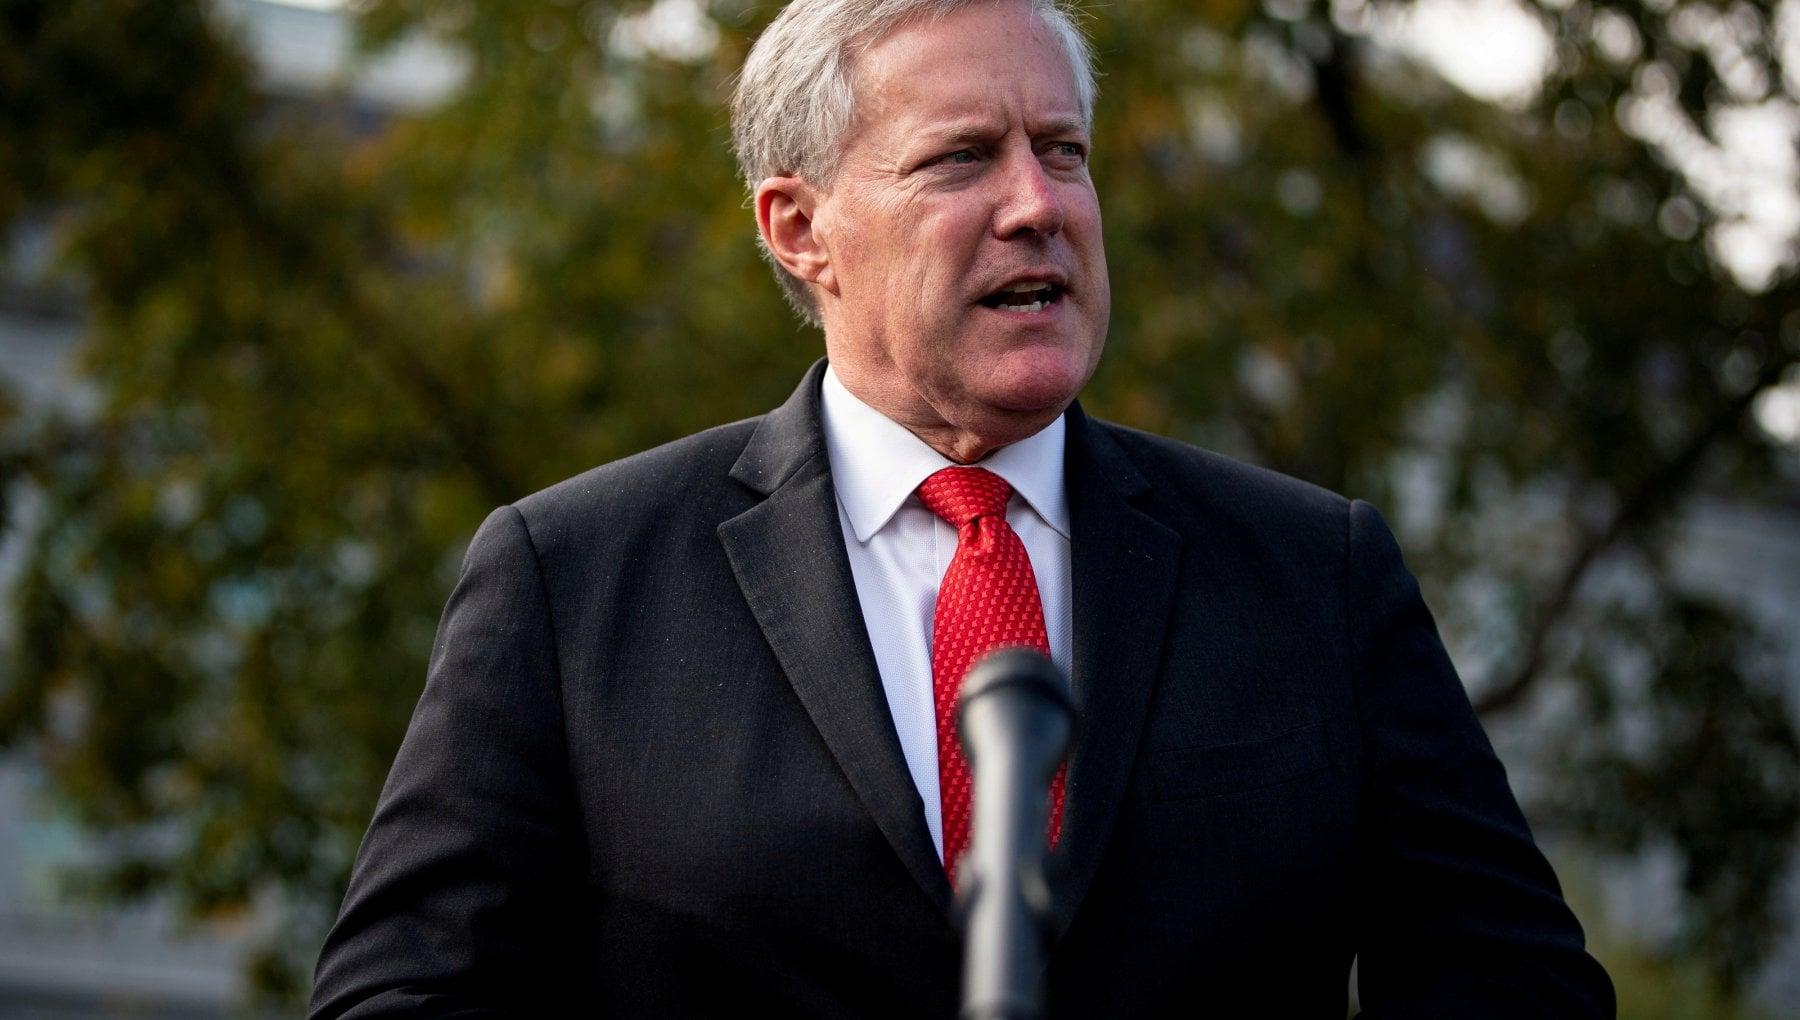 030924780 f72cf9ed 40c6 4870 a6f3 0f306b57107b - Usa, assalto a Capitol Hill: la commissione ascolterà fedelissimi di Trump, tra cui Bannon e Meadows